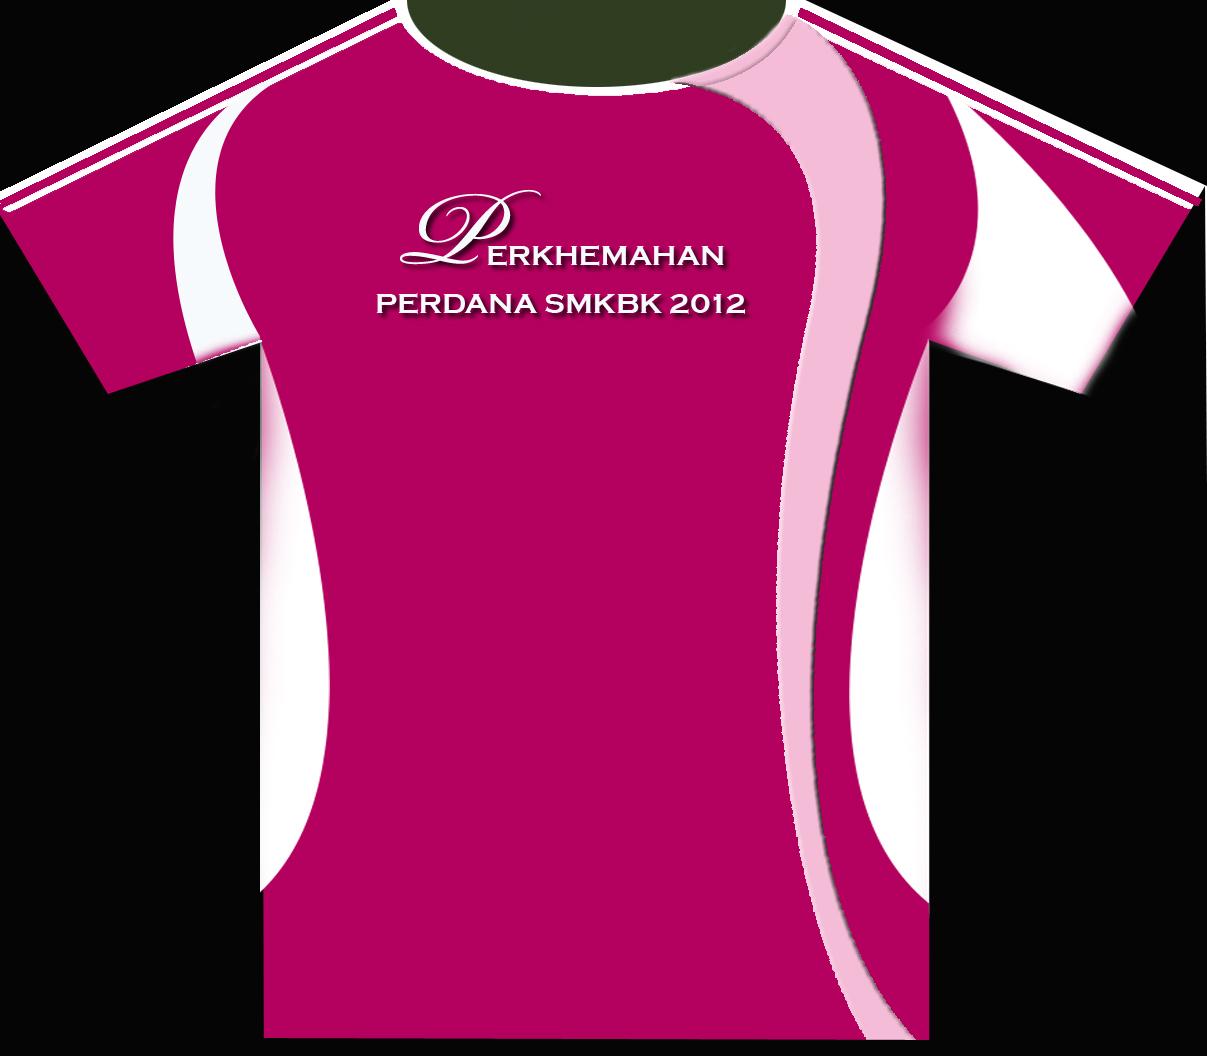 Design t shirt rumah sukan - Perkhemahan Perdana Smkbk